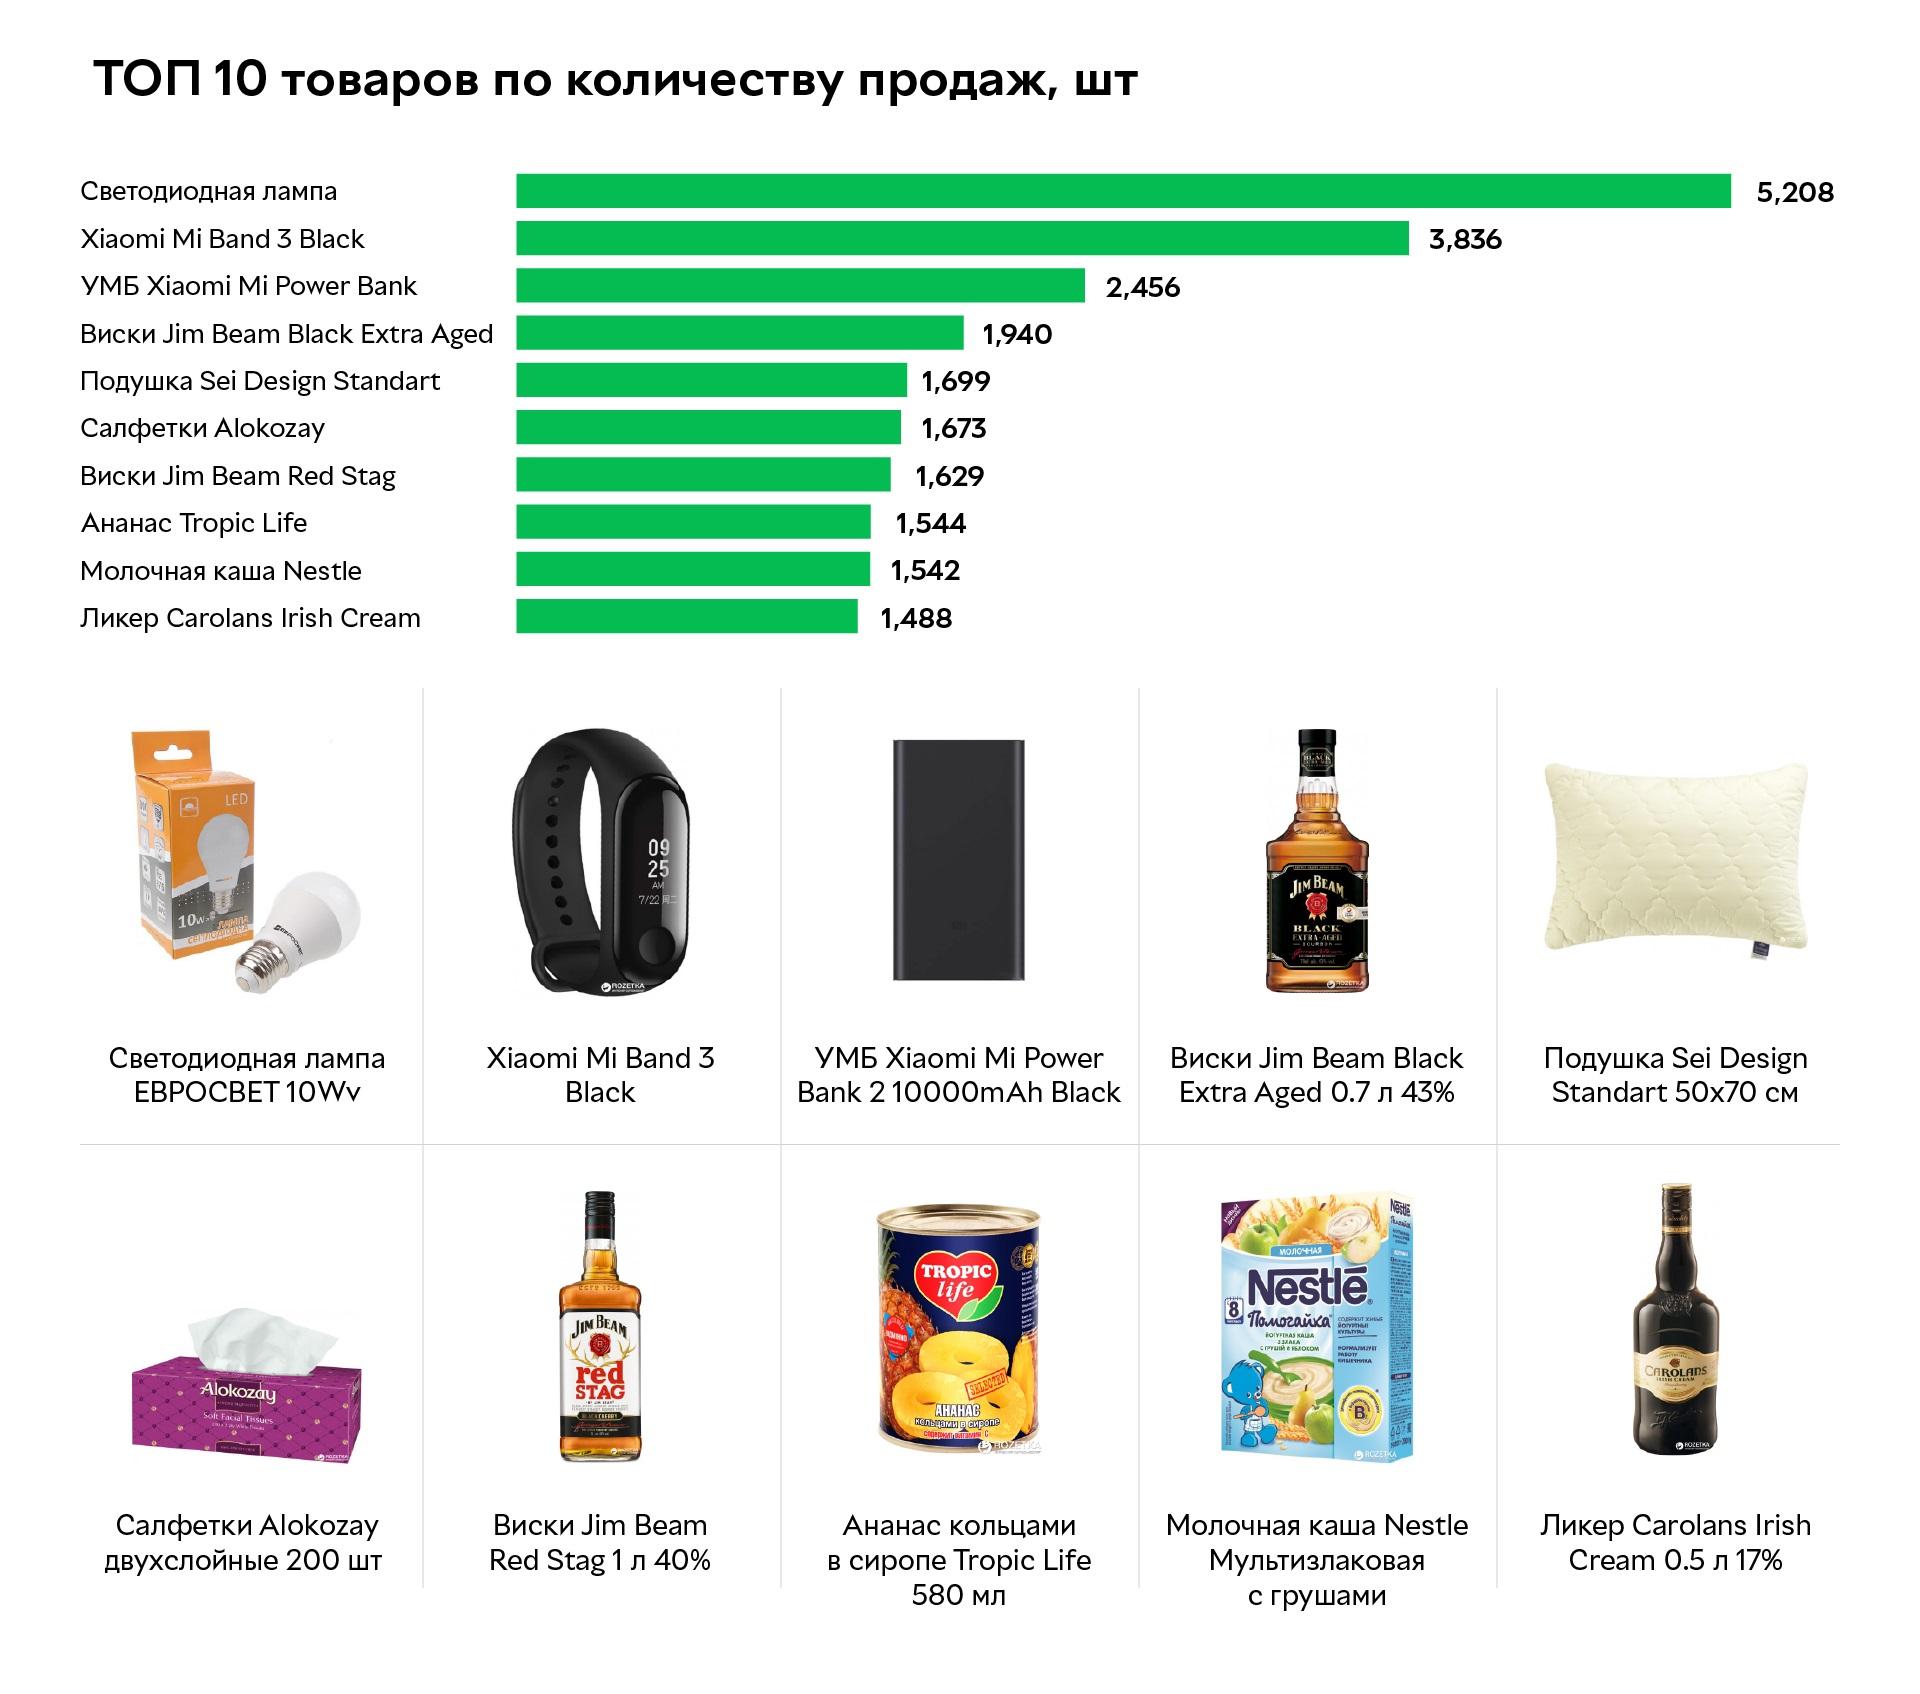 ТОП 10 товаров по количеству продаж интернет-магазина «Розетка»